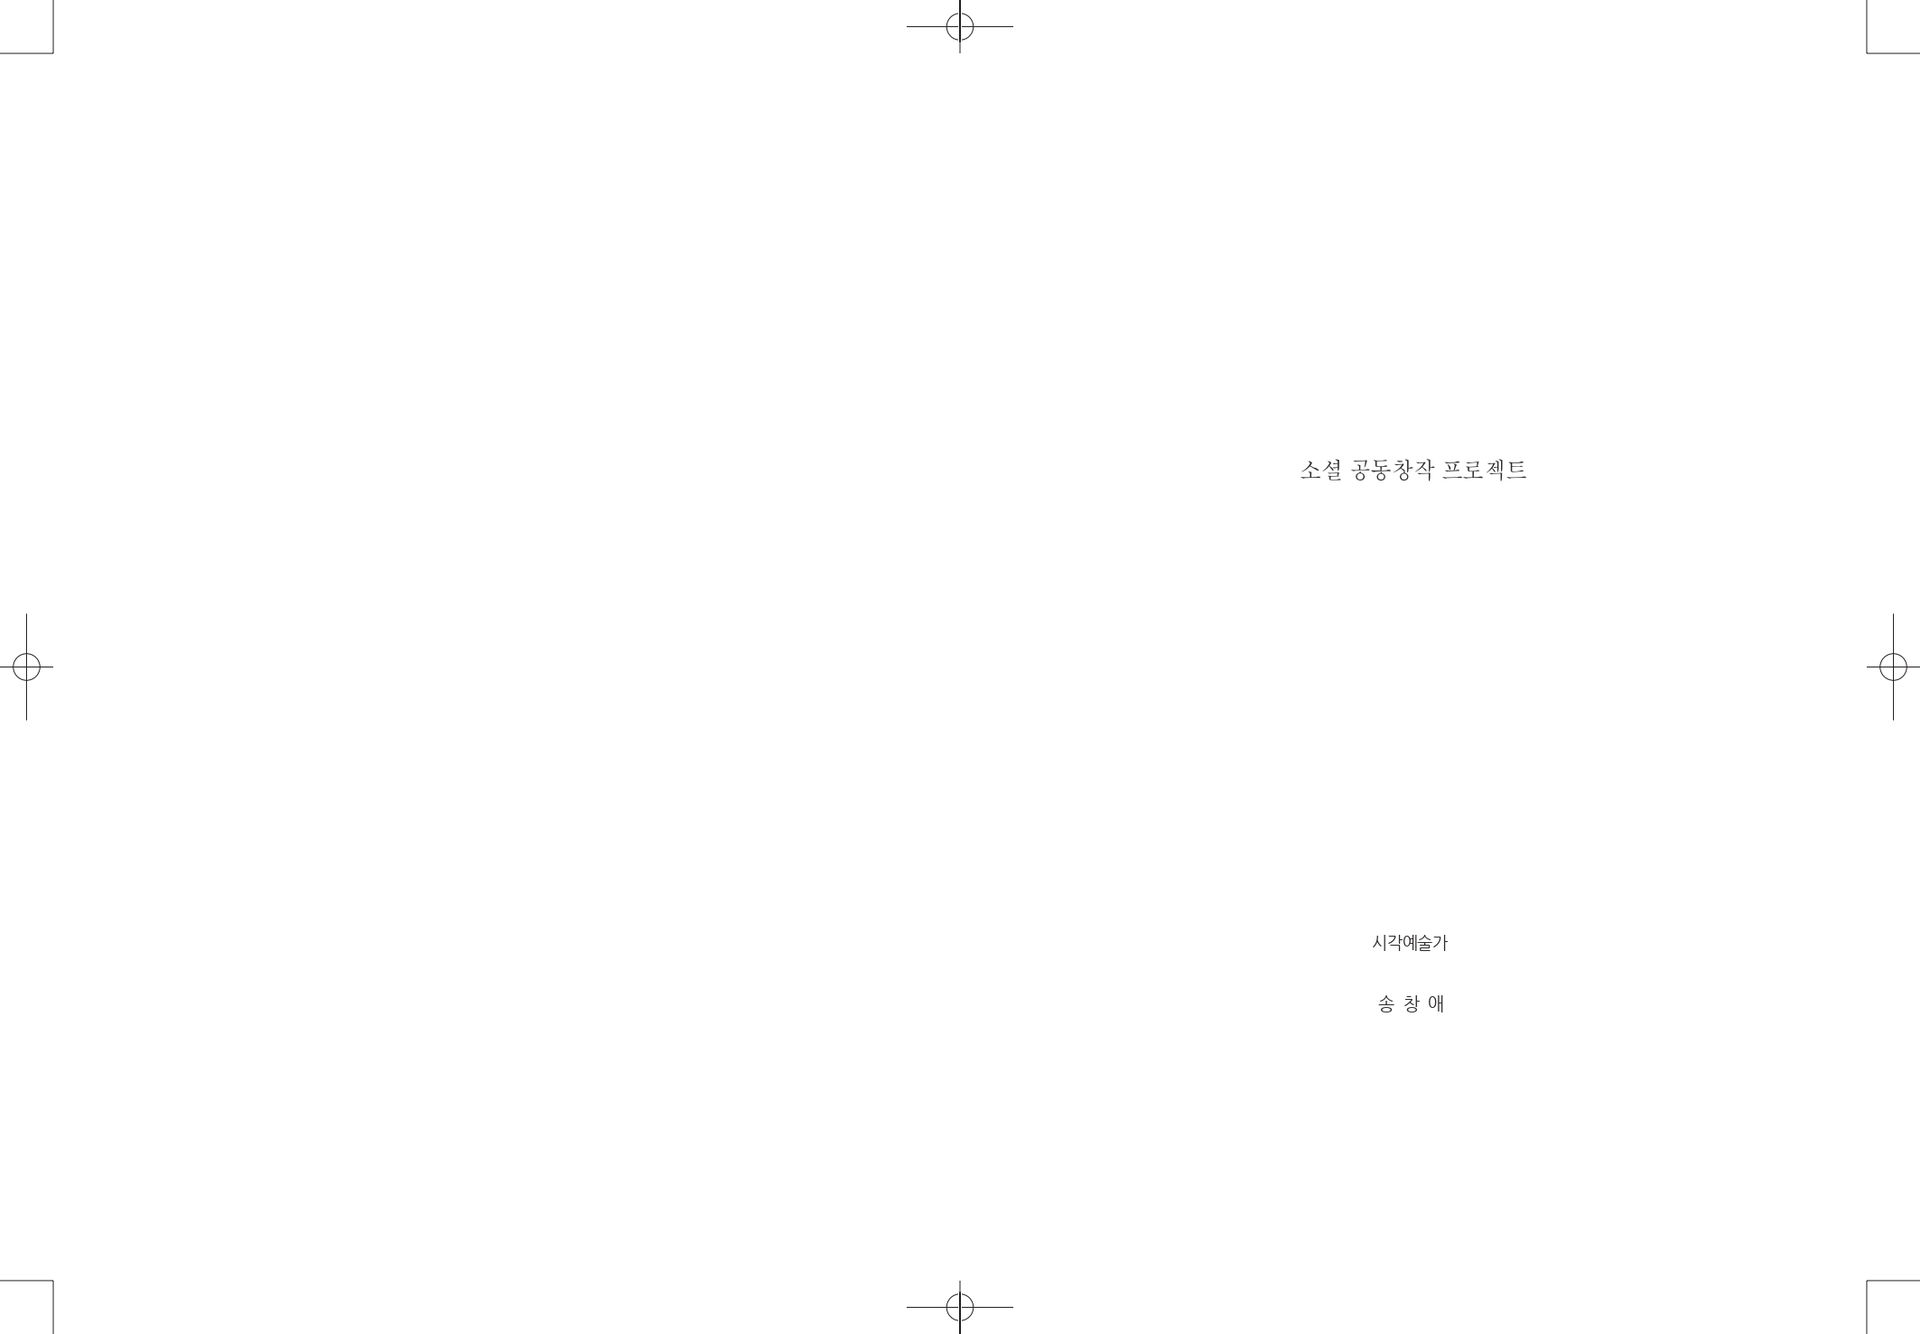 2014~2017 천개의 눈물 & 천개의 일상 (내지)-압축됨_page-